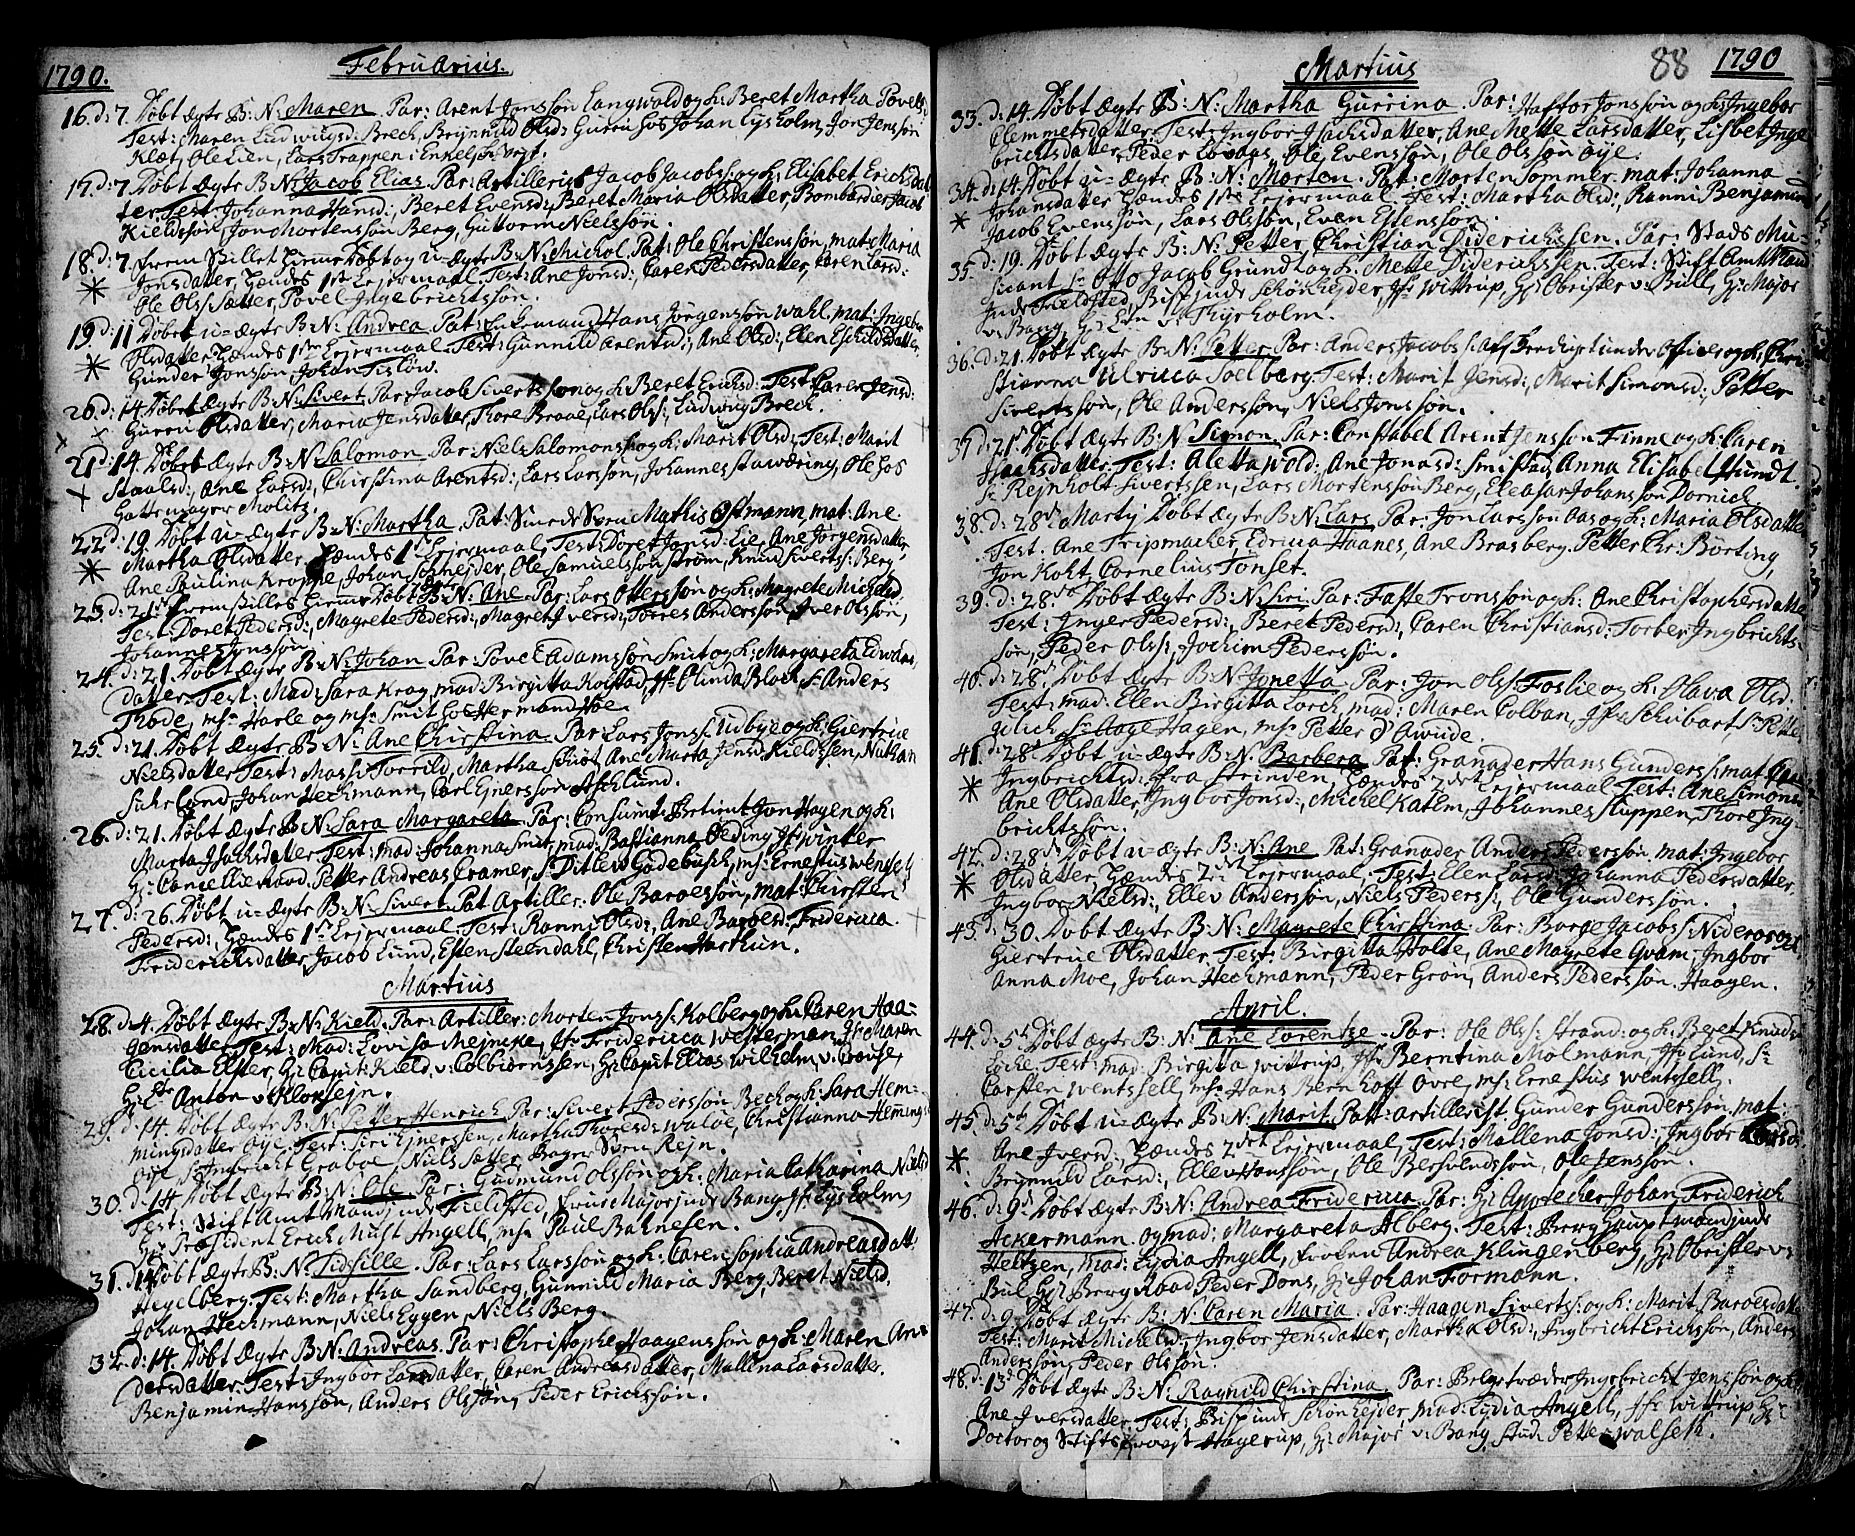 SAT, Ministerialprotokoller, klokkerbøker og fødselsregistre - Sør-Trøndelag, 601/L0039: Ministerialbok nr. 601A07, 1770-1819, s. 88